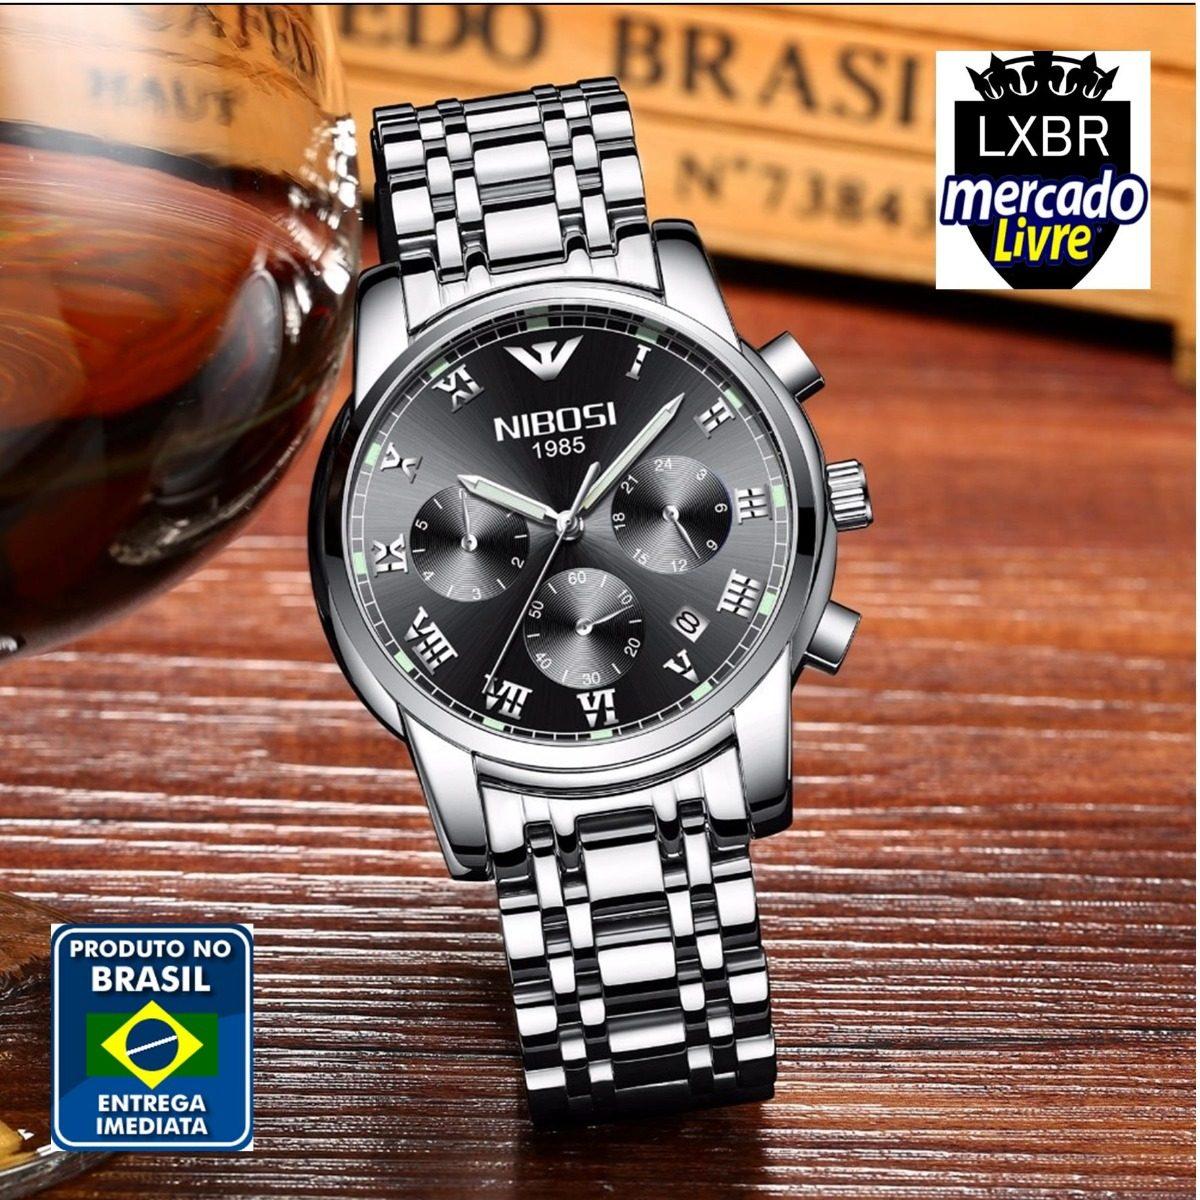 f34e0e19c6f Relogio Nibosi Social Prata Preto Aço Original R12 Lxbr - R  189